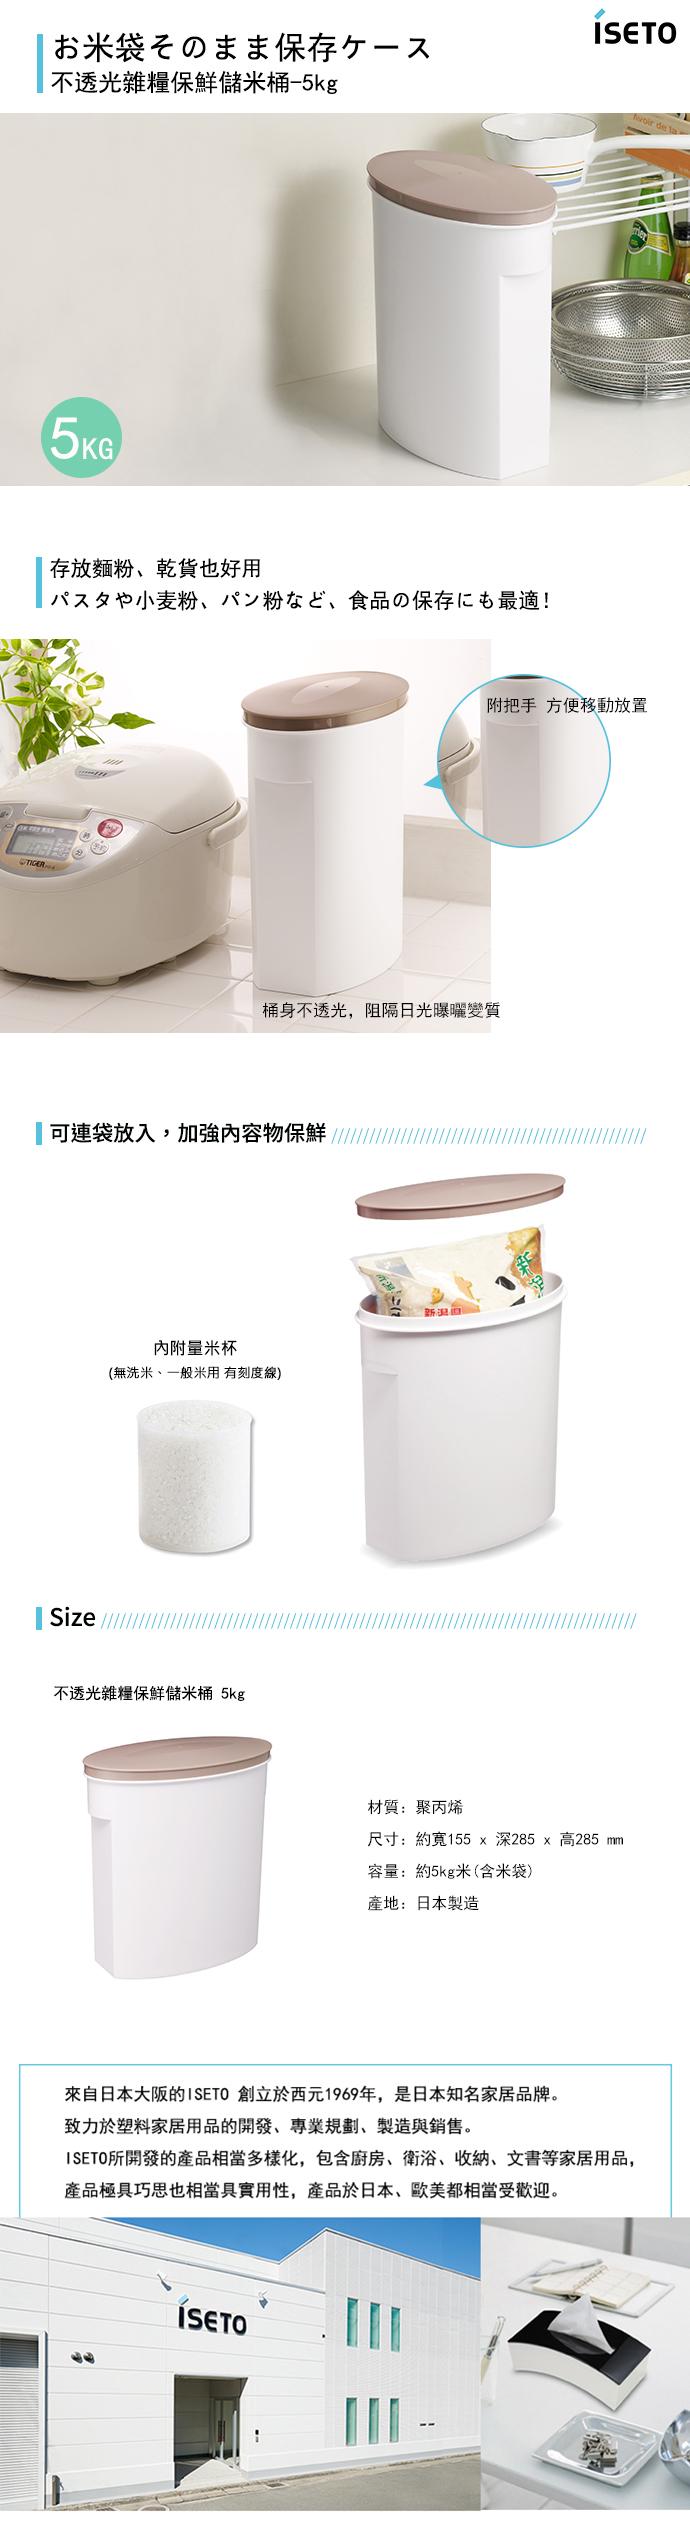 (複製)ISETO | 冰箱冷藏用雜糧保鮮儲米桶-2kg